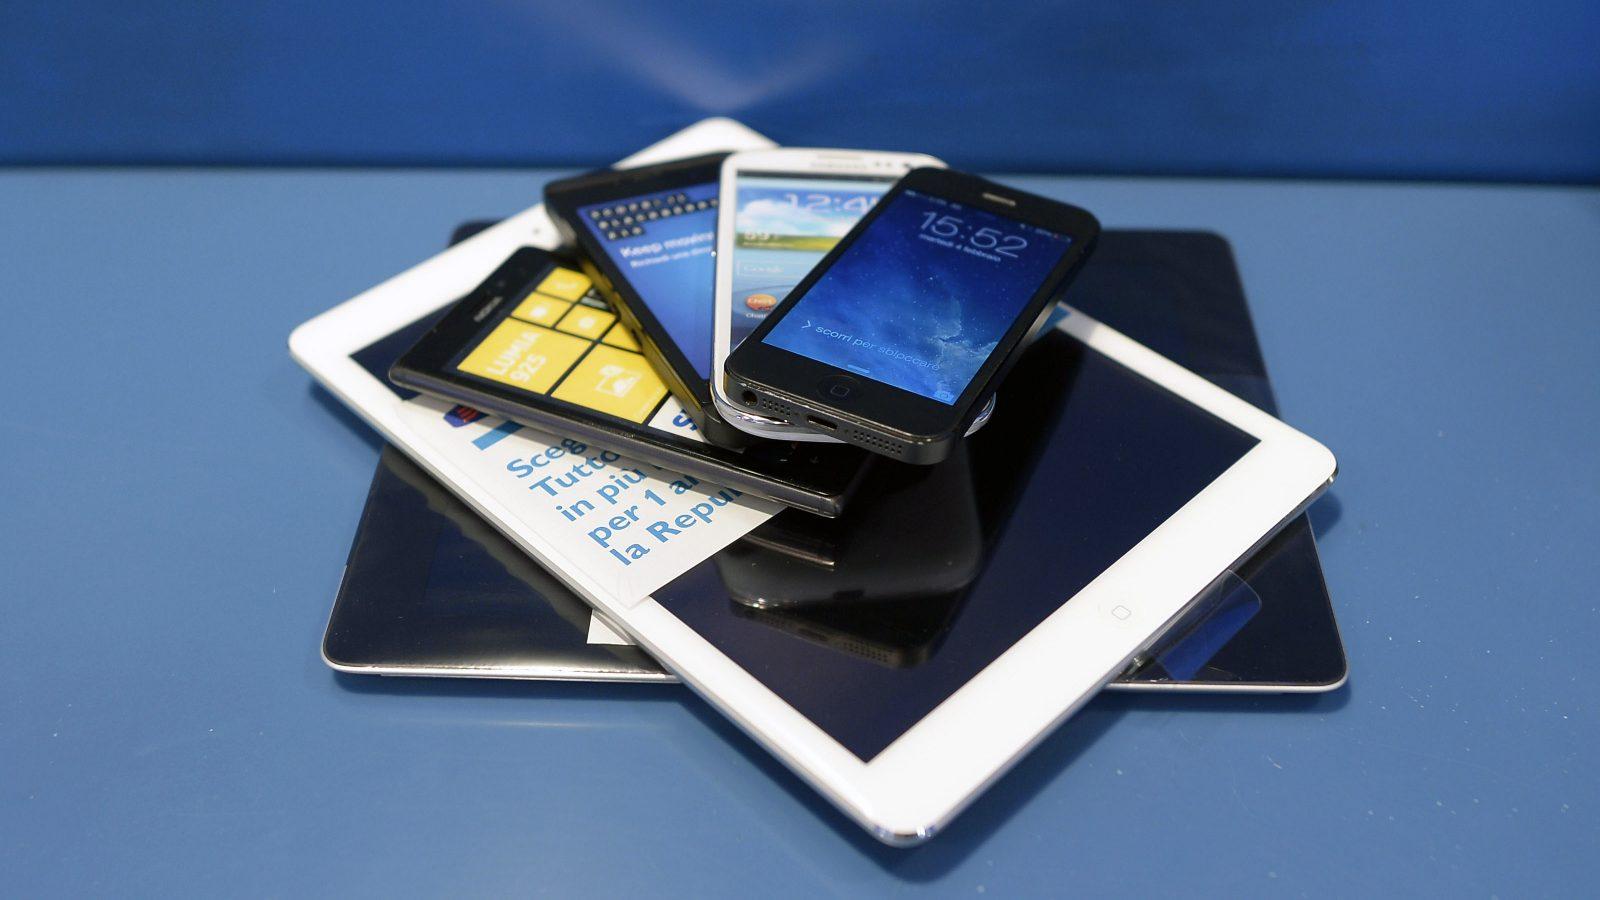 Smartphone e tablet (fonte: Imagoeconomica)